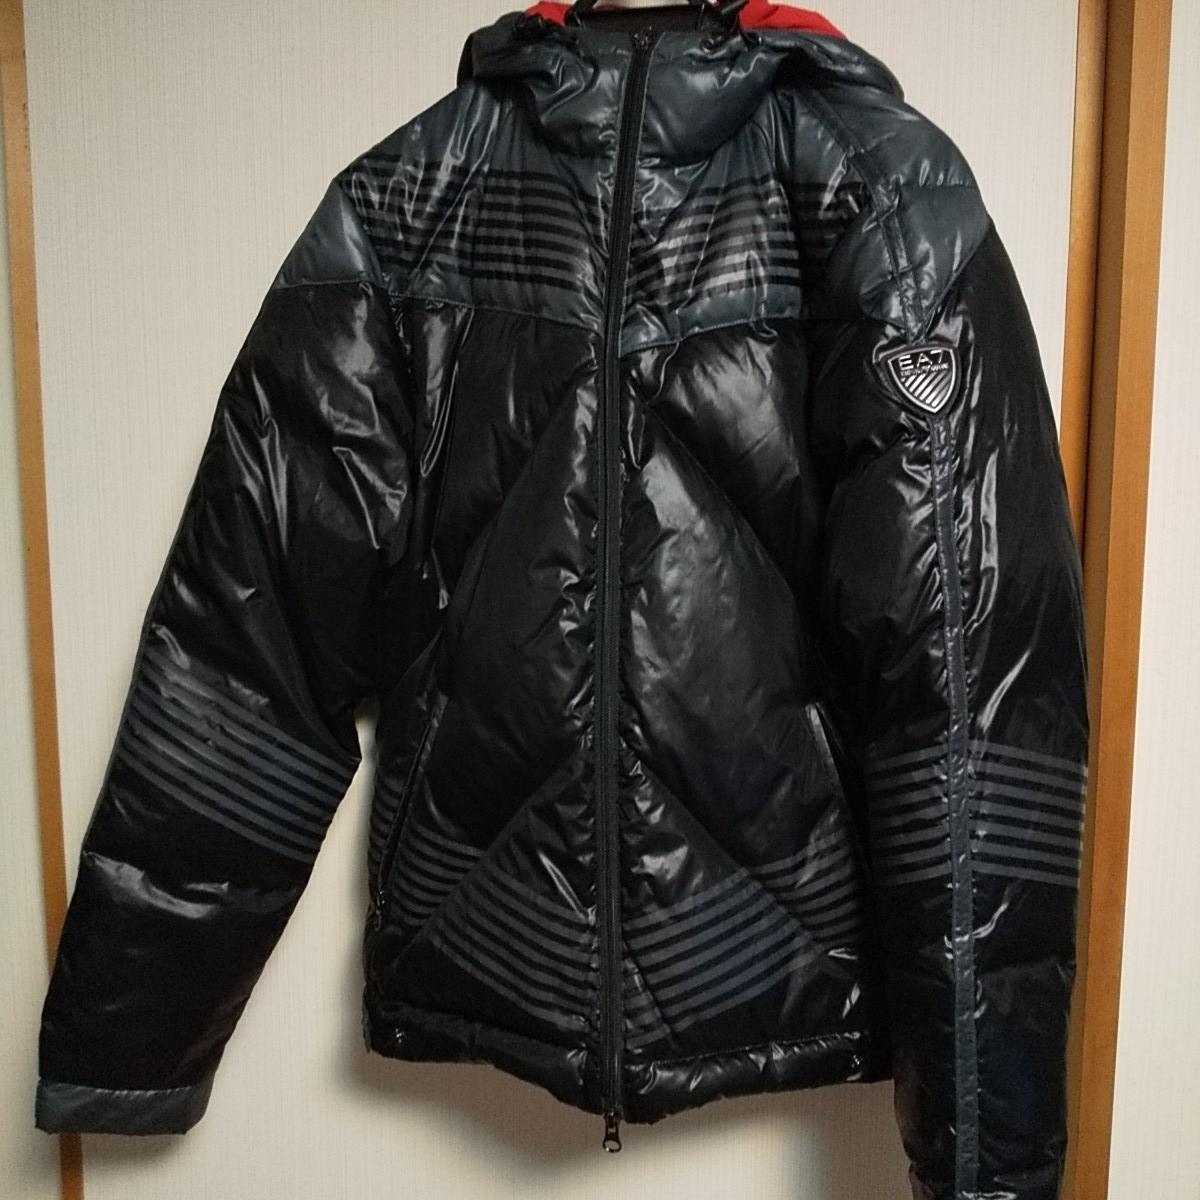 エンポリオ アルマーニ EMPORIO ARMANI 古着 M サイズ ダウンジャケット ブルゾン ジョルジオ 正規品 EA7 モンクレール MONCLER